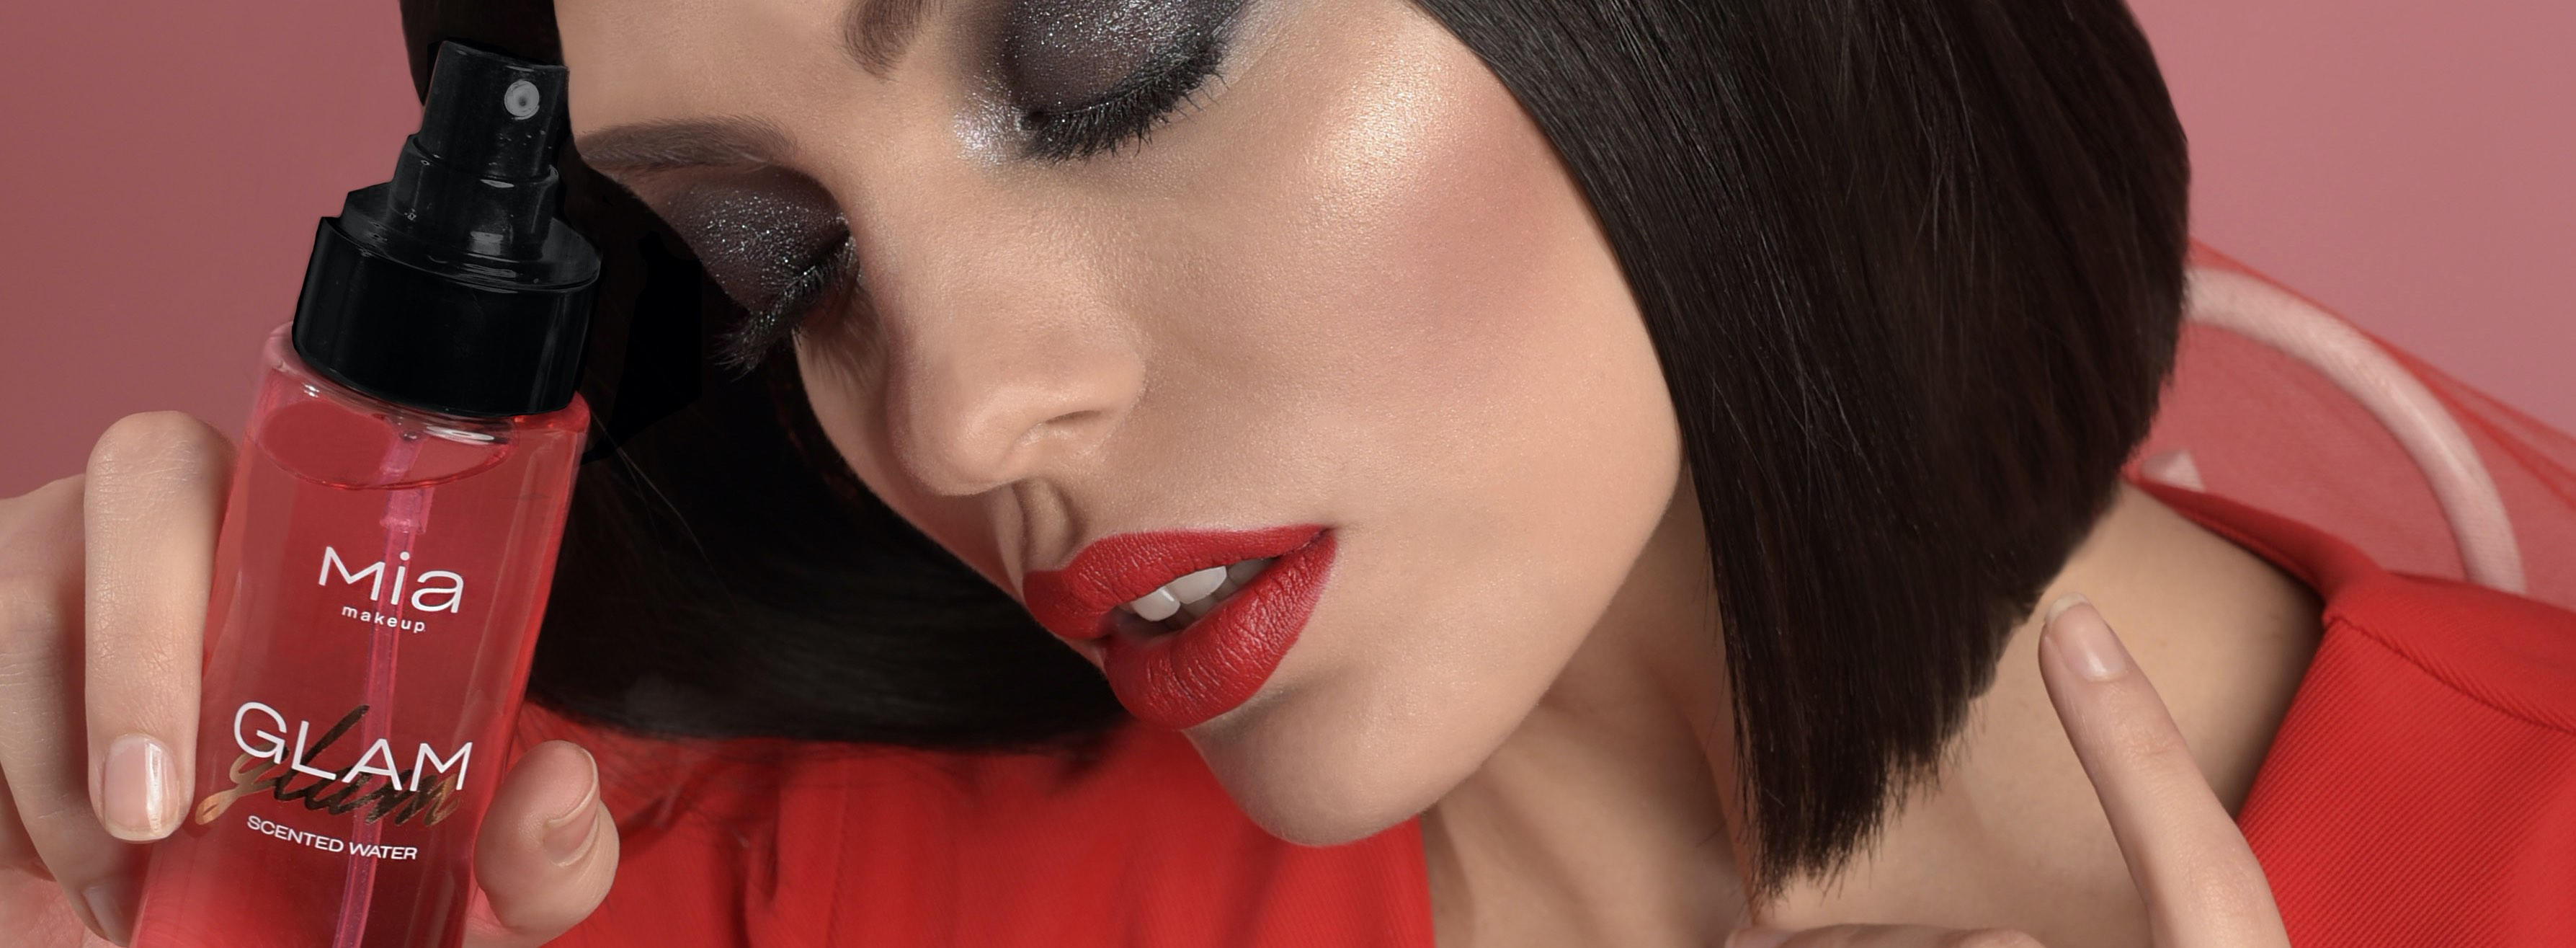 Mia Makeup Glam Scented Water Acque profumate - Info recensione review opinioni prezzo dove acquistare